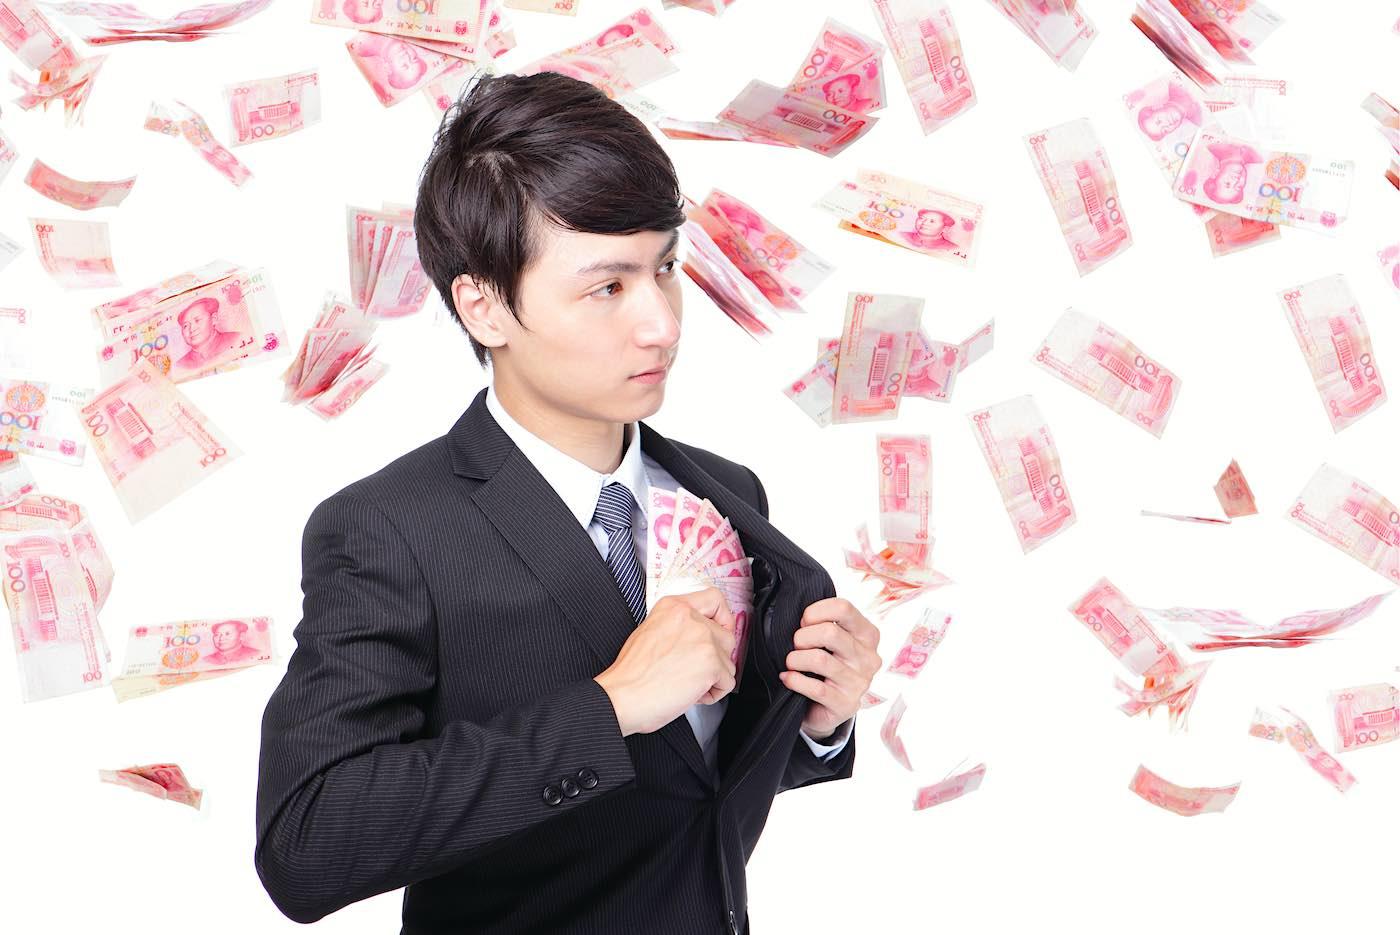 Jóvenes, ricos y chinos: Conoce a los Fuerdái, los hijos de los más ricos de China